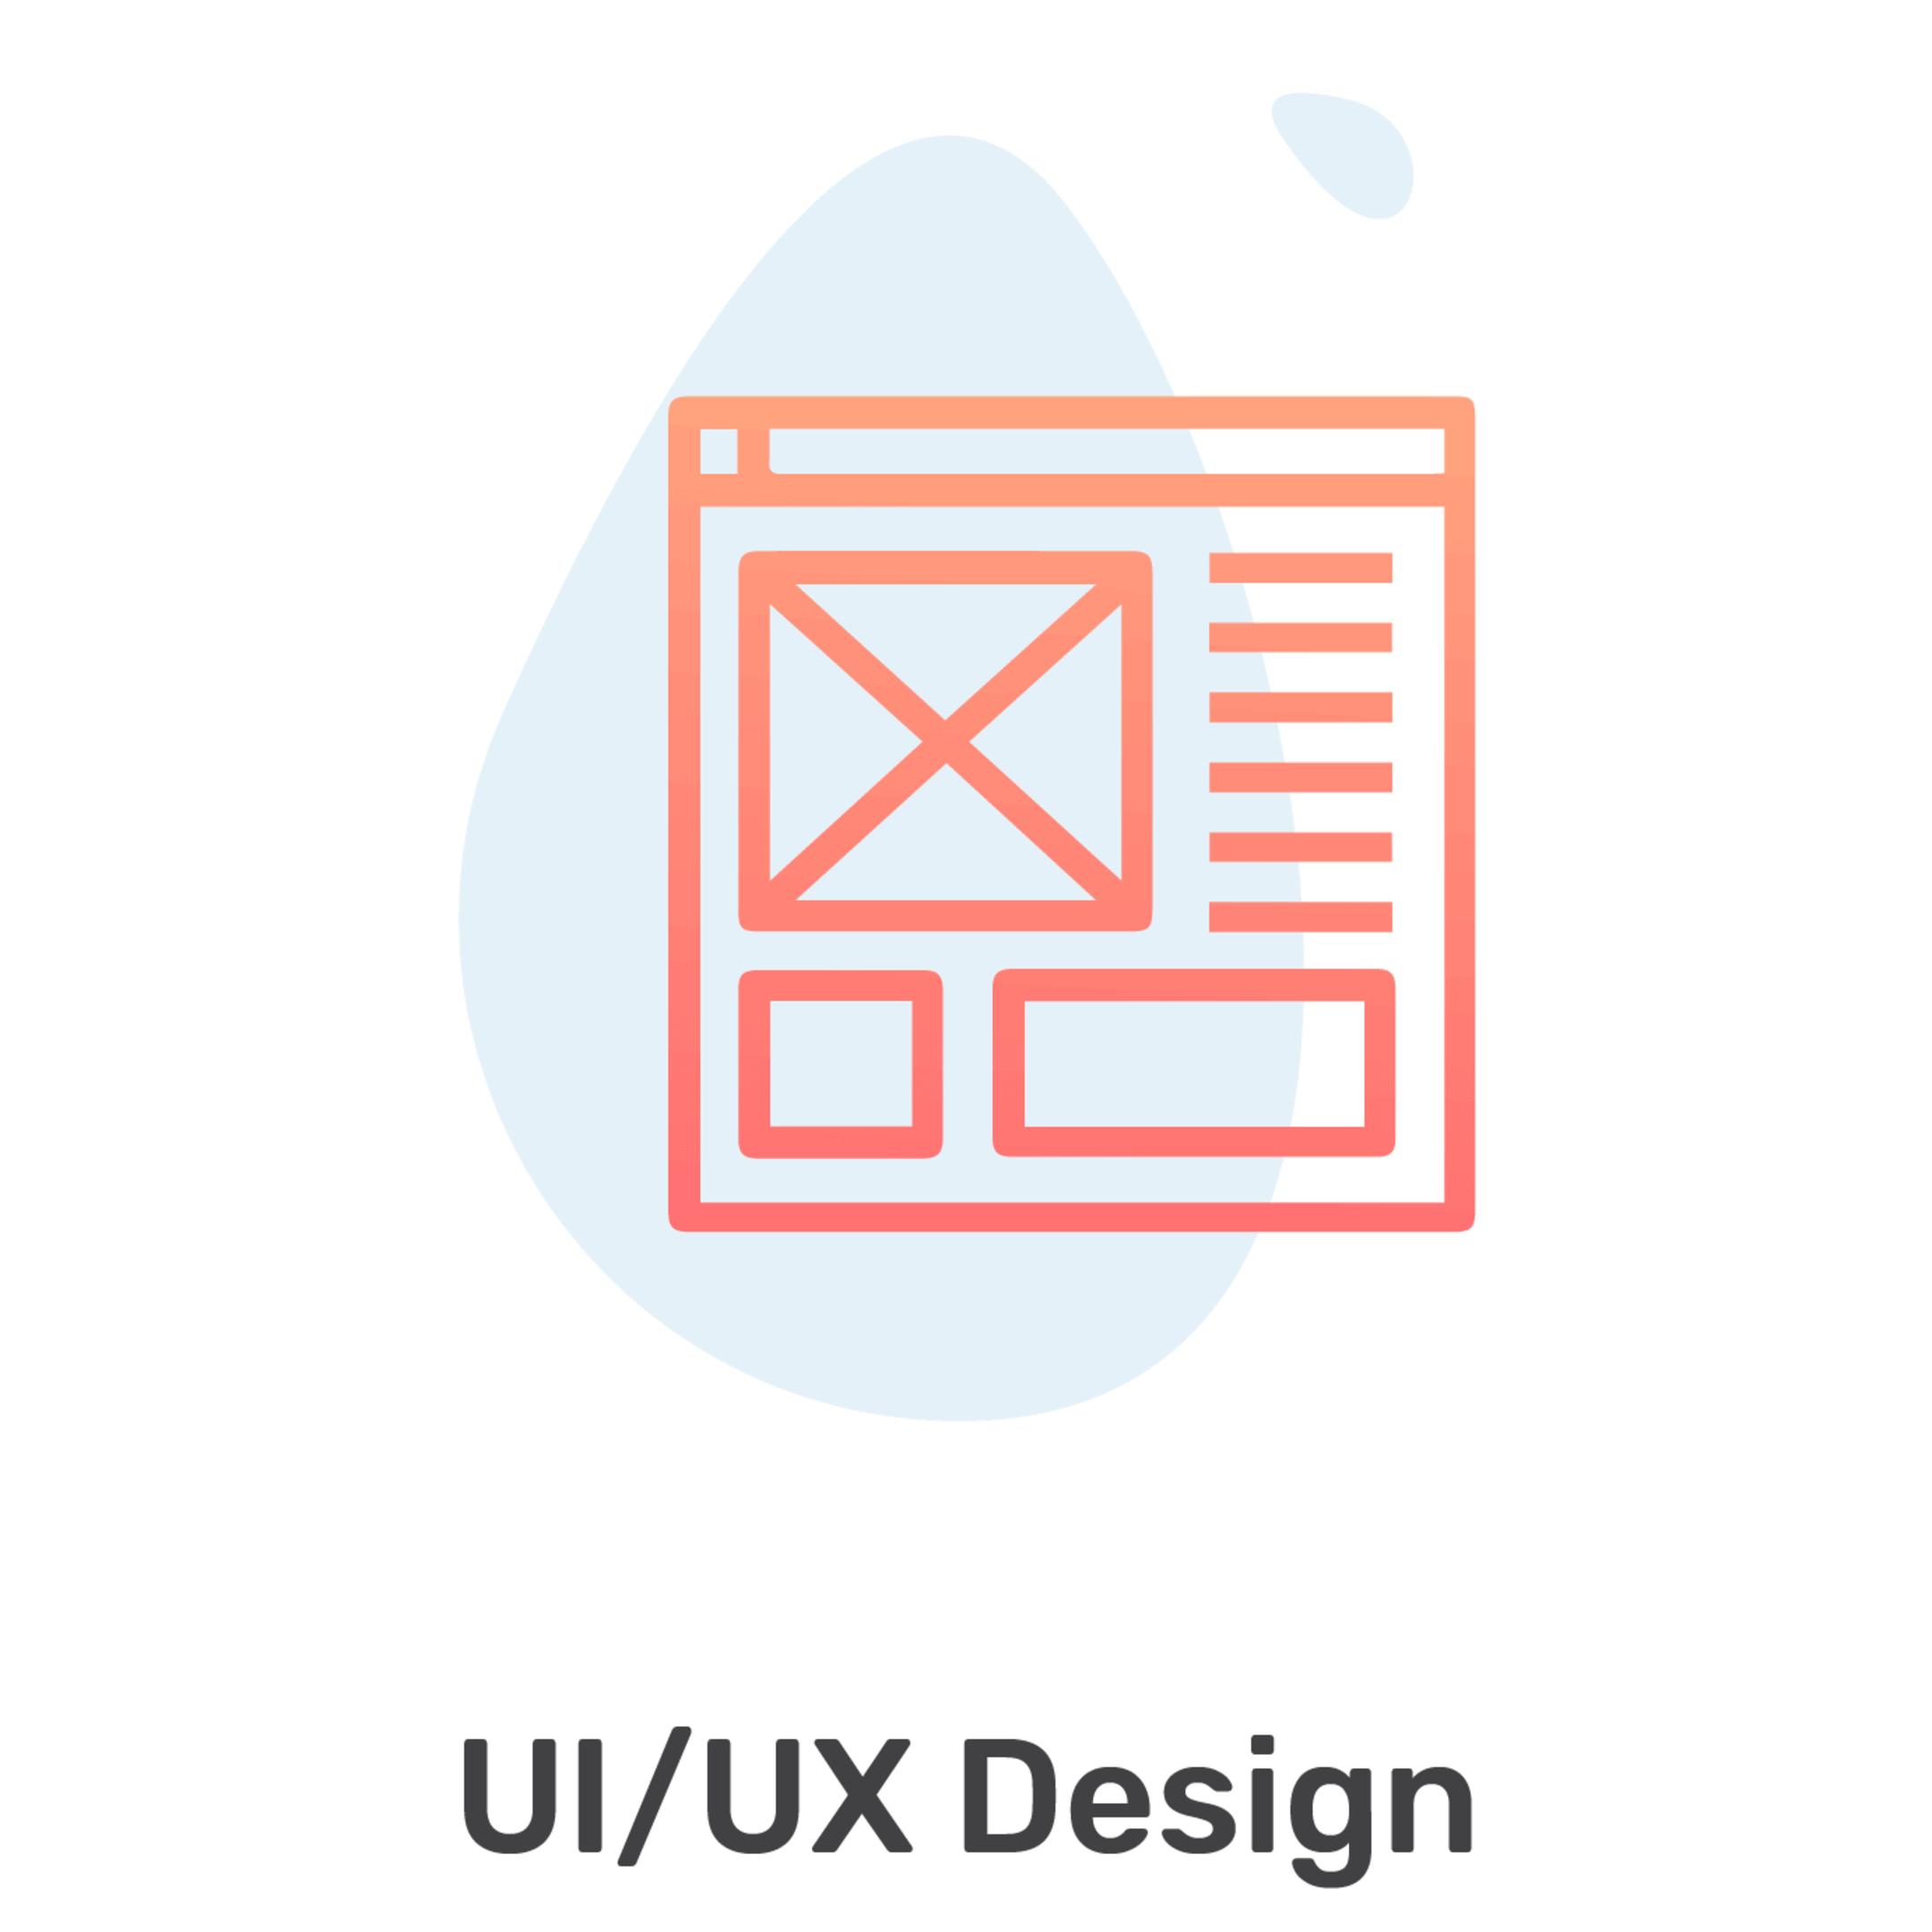 Stéphanie Walter - Senior UX Designer, Mobile Expert